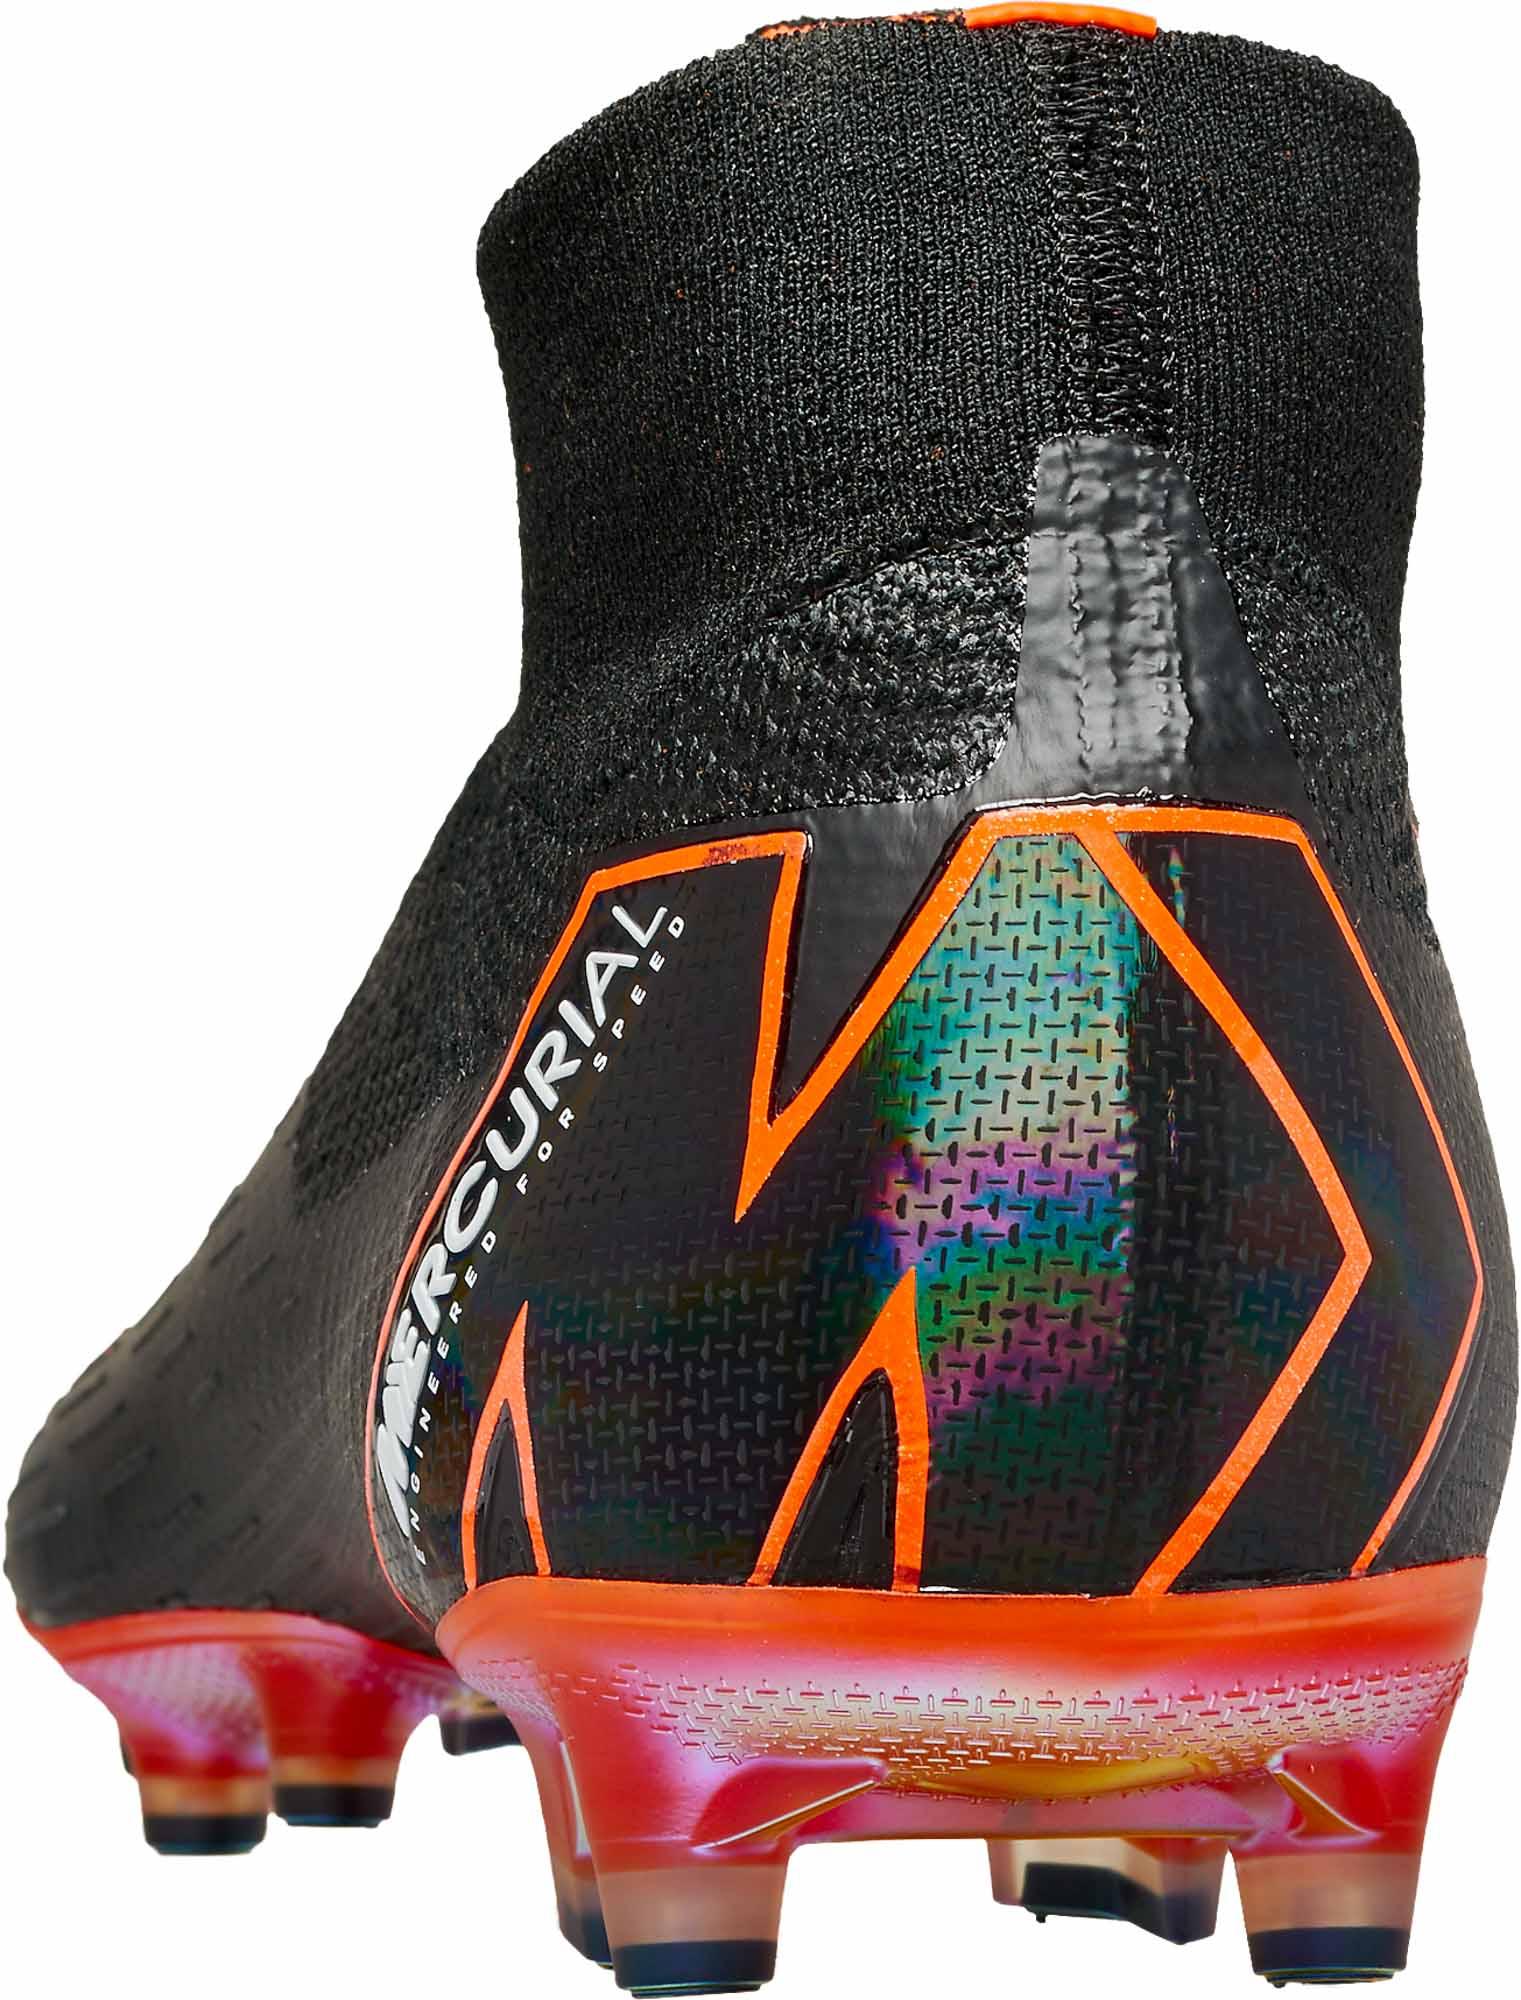 88abe3b2e Nike Superfly 6 Elite AG-Pro - Black & Total Orange - Soccer Master